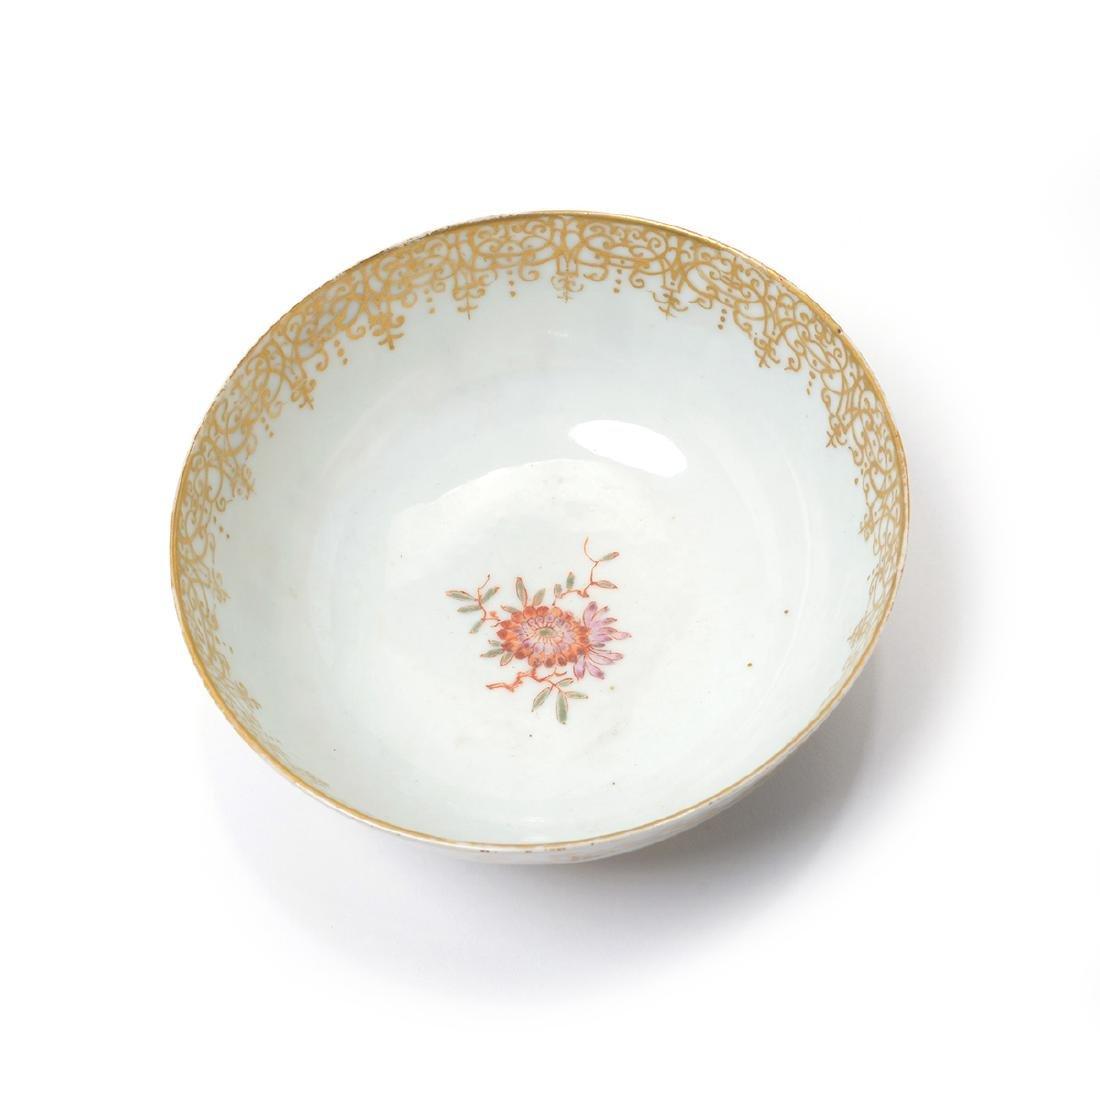 German Porcelain Bowl with Landscape Vignettes, 18th - 9